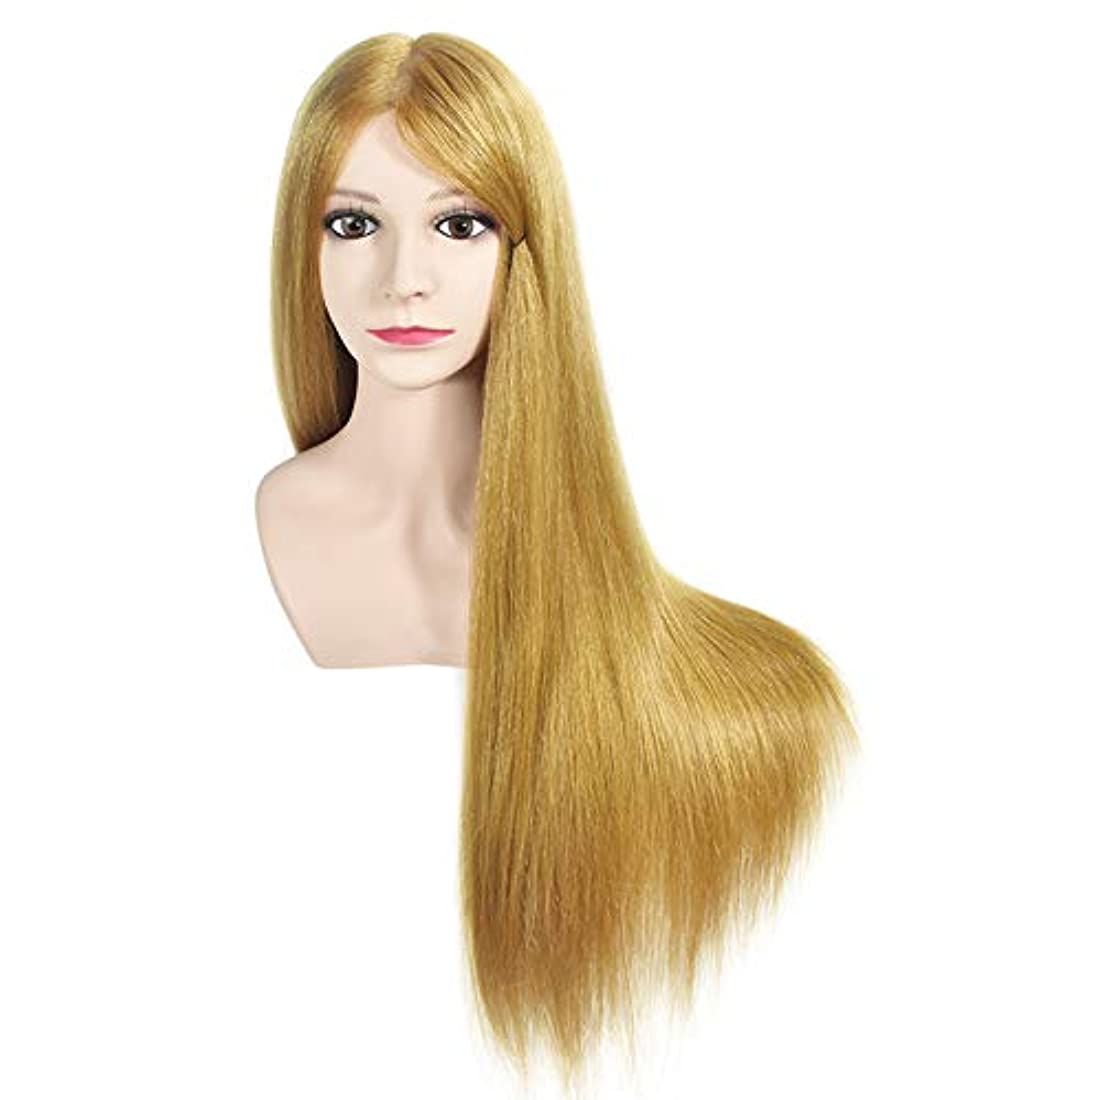 デクリメント緯度不健全サロンヘアブレイド理髪指導ヘッドスタイリング散髪ダミーヘッド化粧学習ショルダーマネキンヘッド